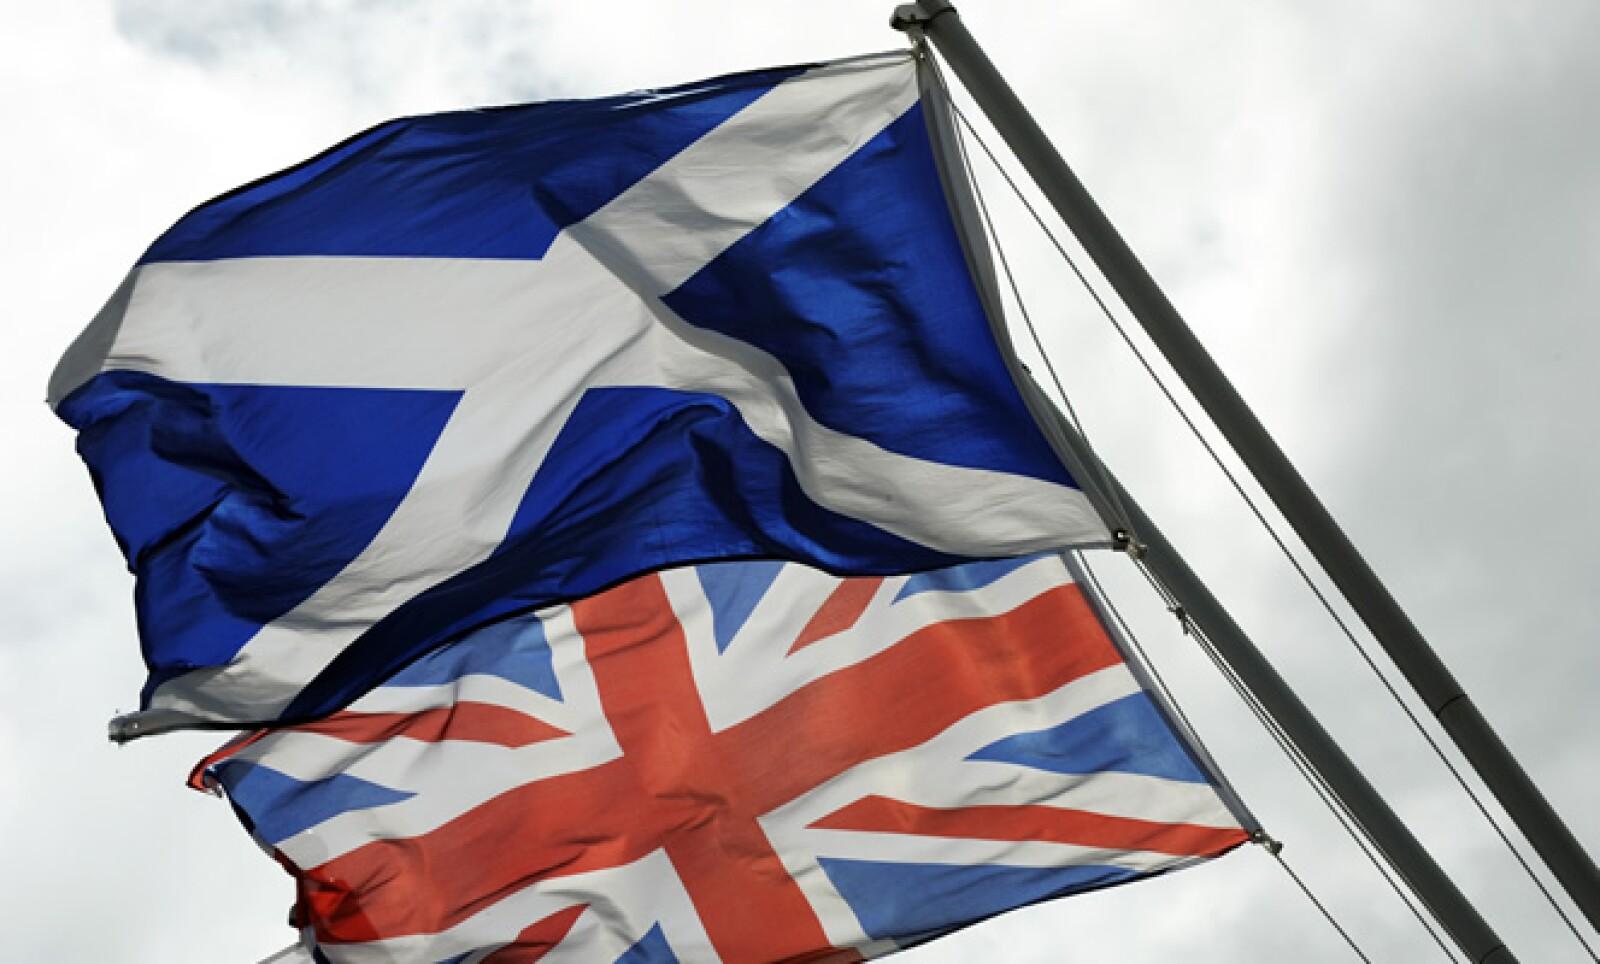 Escocia está en la mira de Europa y el mundo pues este jueves su población votará si decide separarse del Reino Unido, luego de 3 siglos de unión.